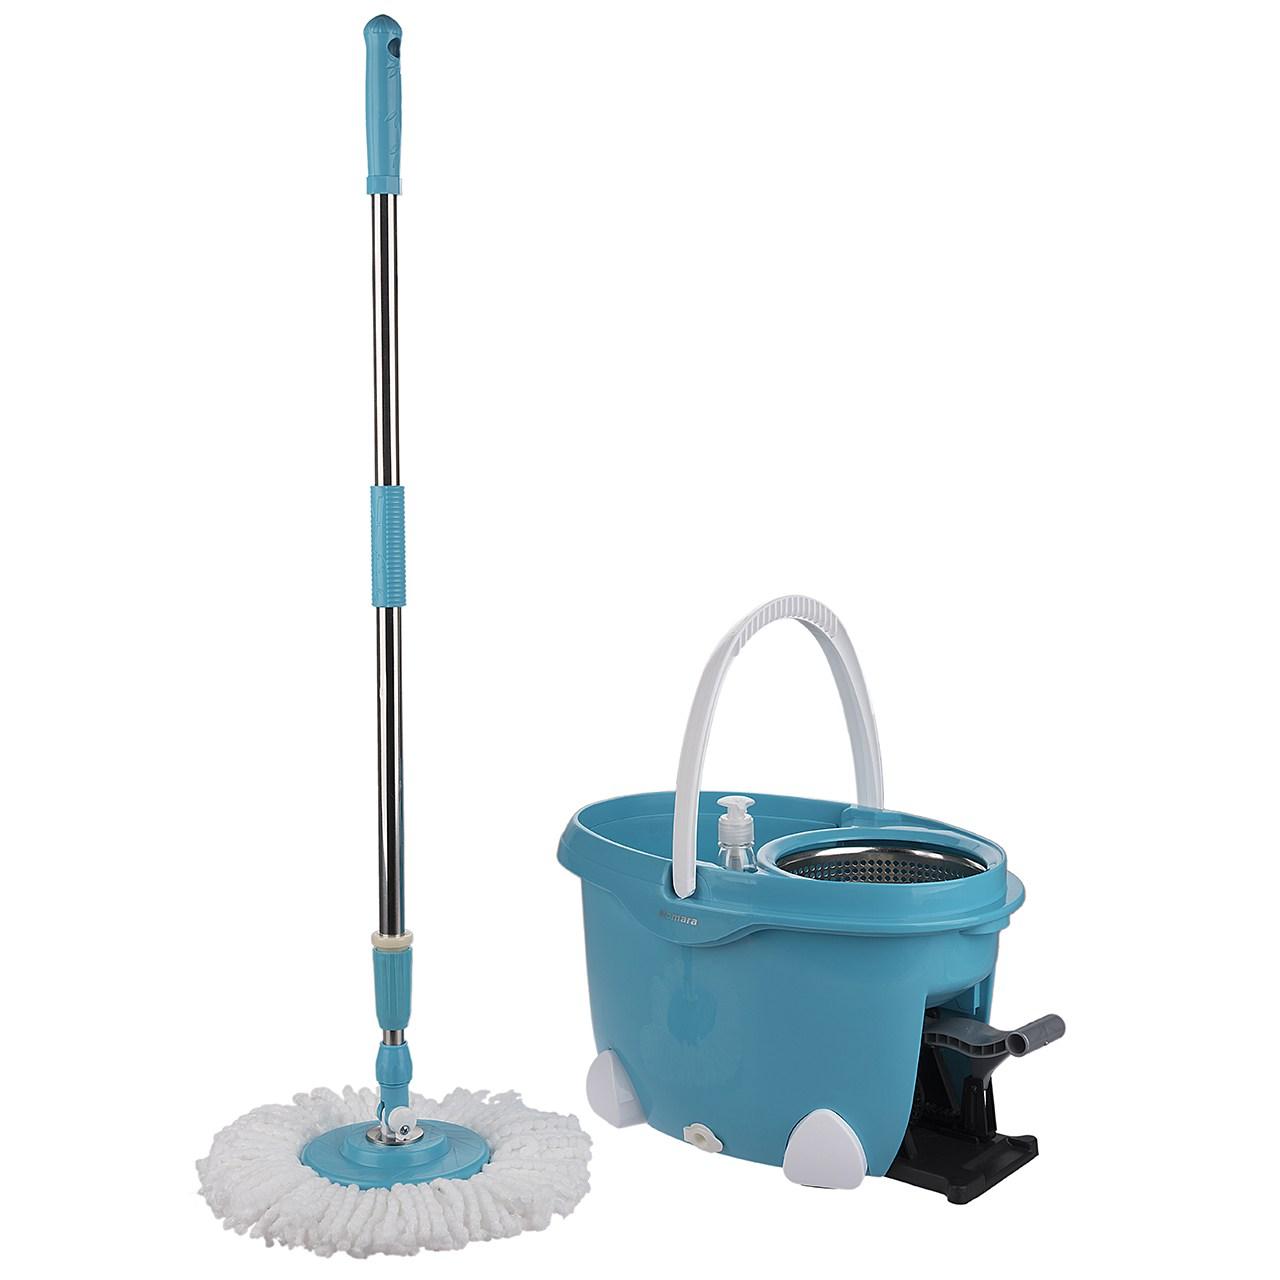 سطل و زمین شوی همارا مدل Rotating Bucket 8699